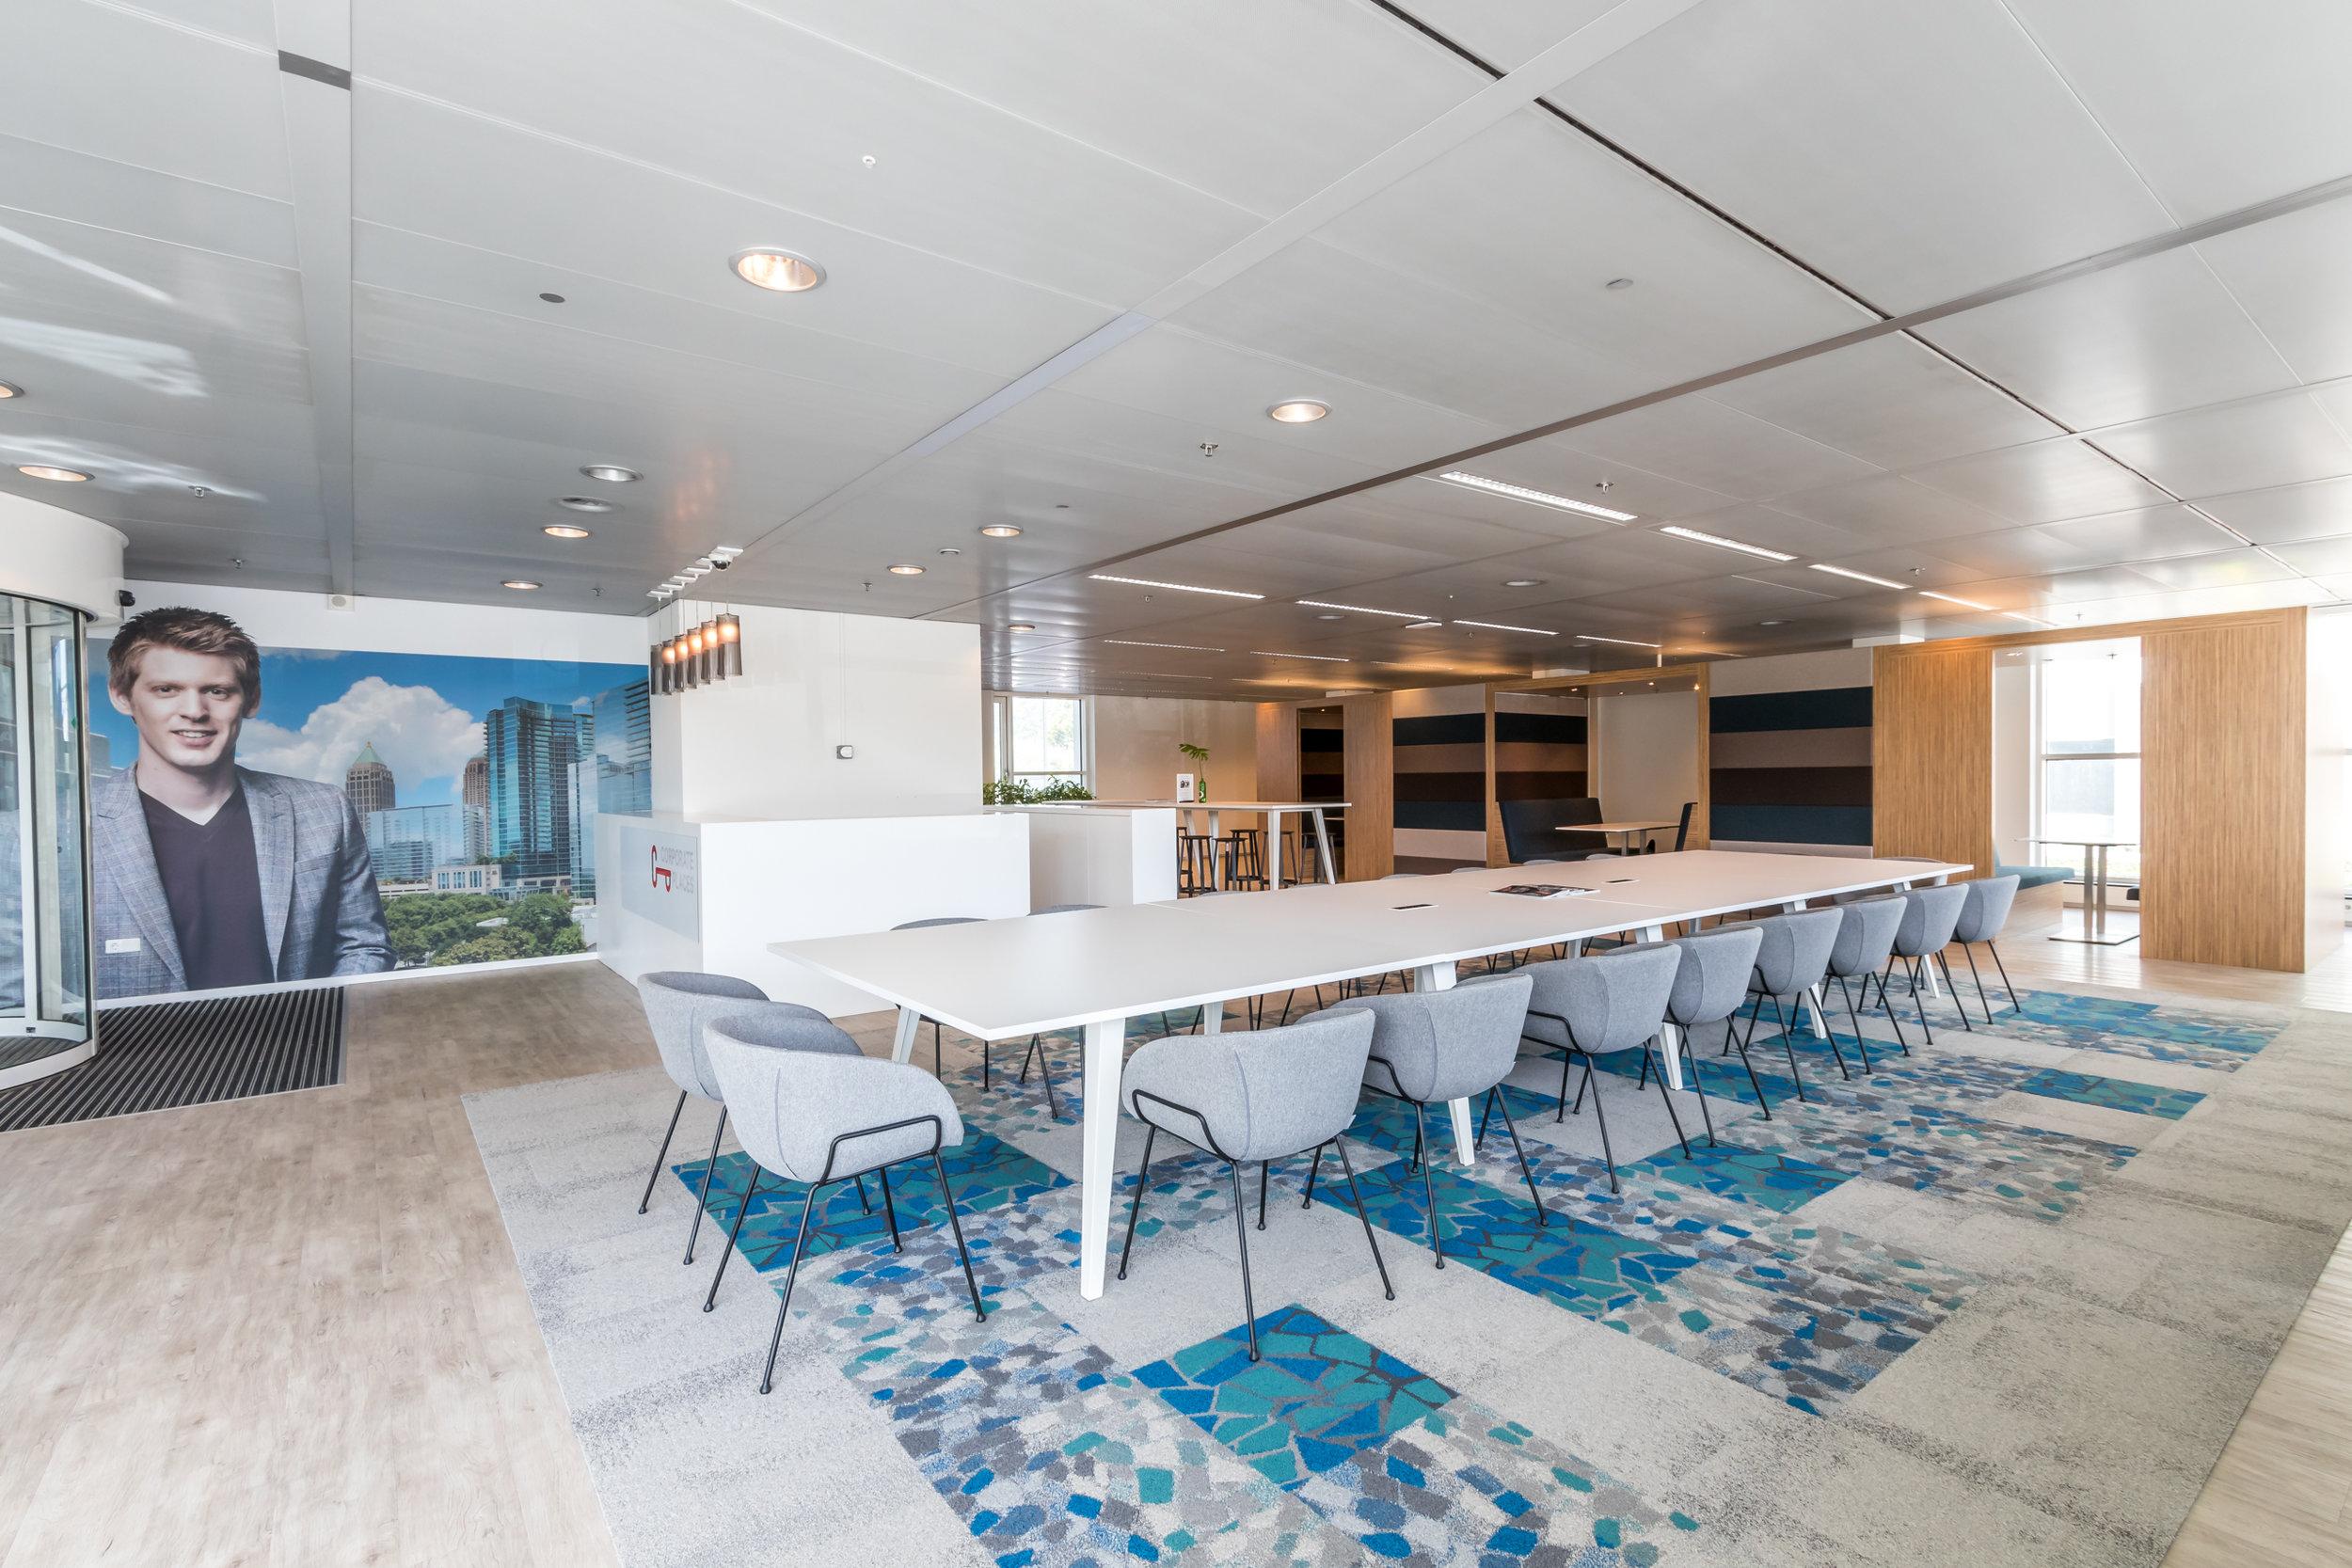 locatie utrecht - boardroom 20 persoons executive vergaderruimte  € 115 per uur  EXCL. btw / te boeken per dagdeel